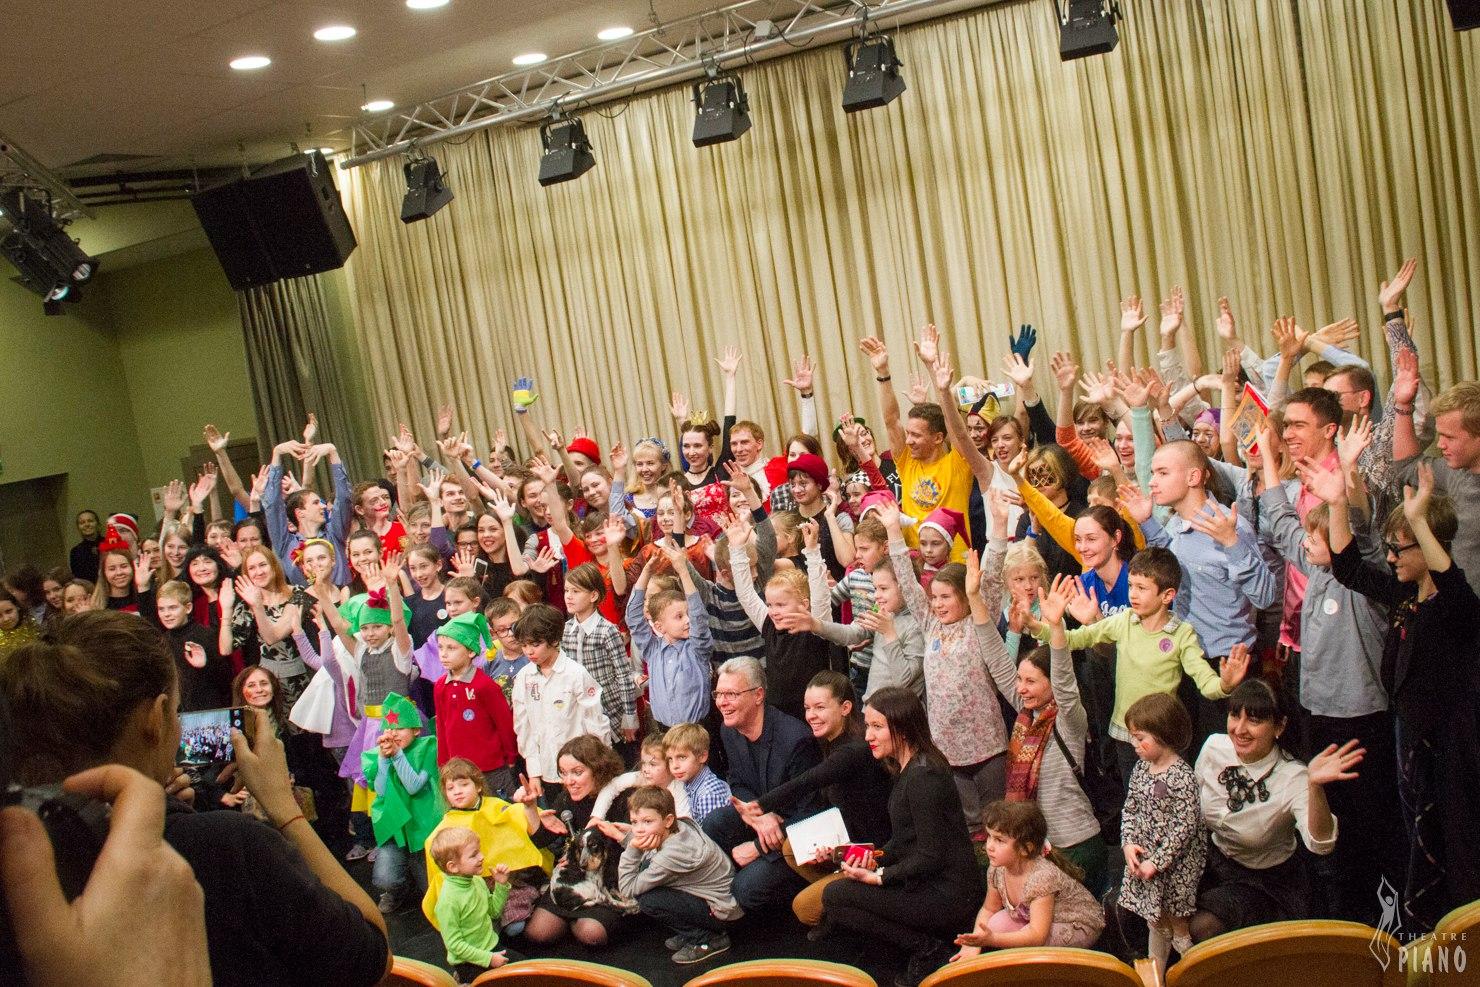 4й фестиваль «Школа искусств» и мастер-классы по жестовому языку